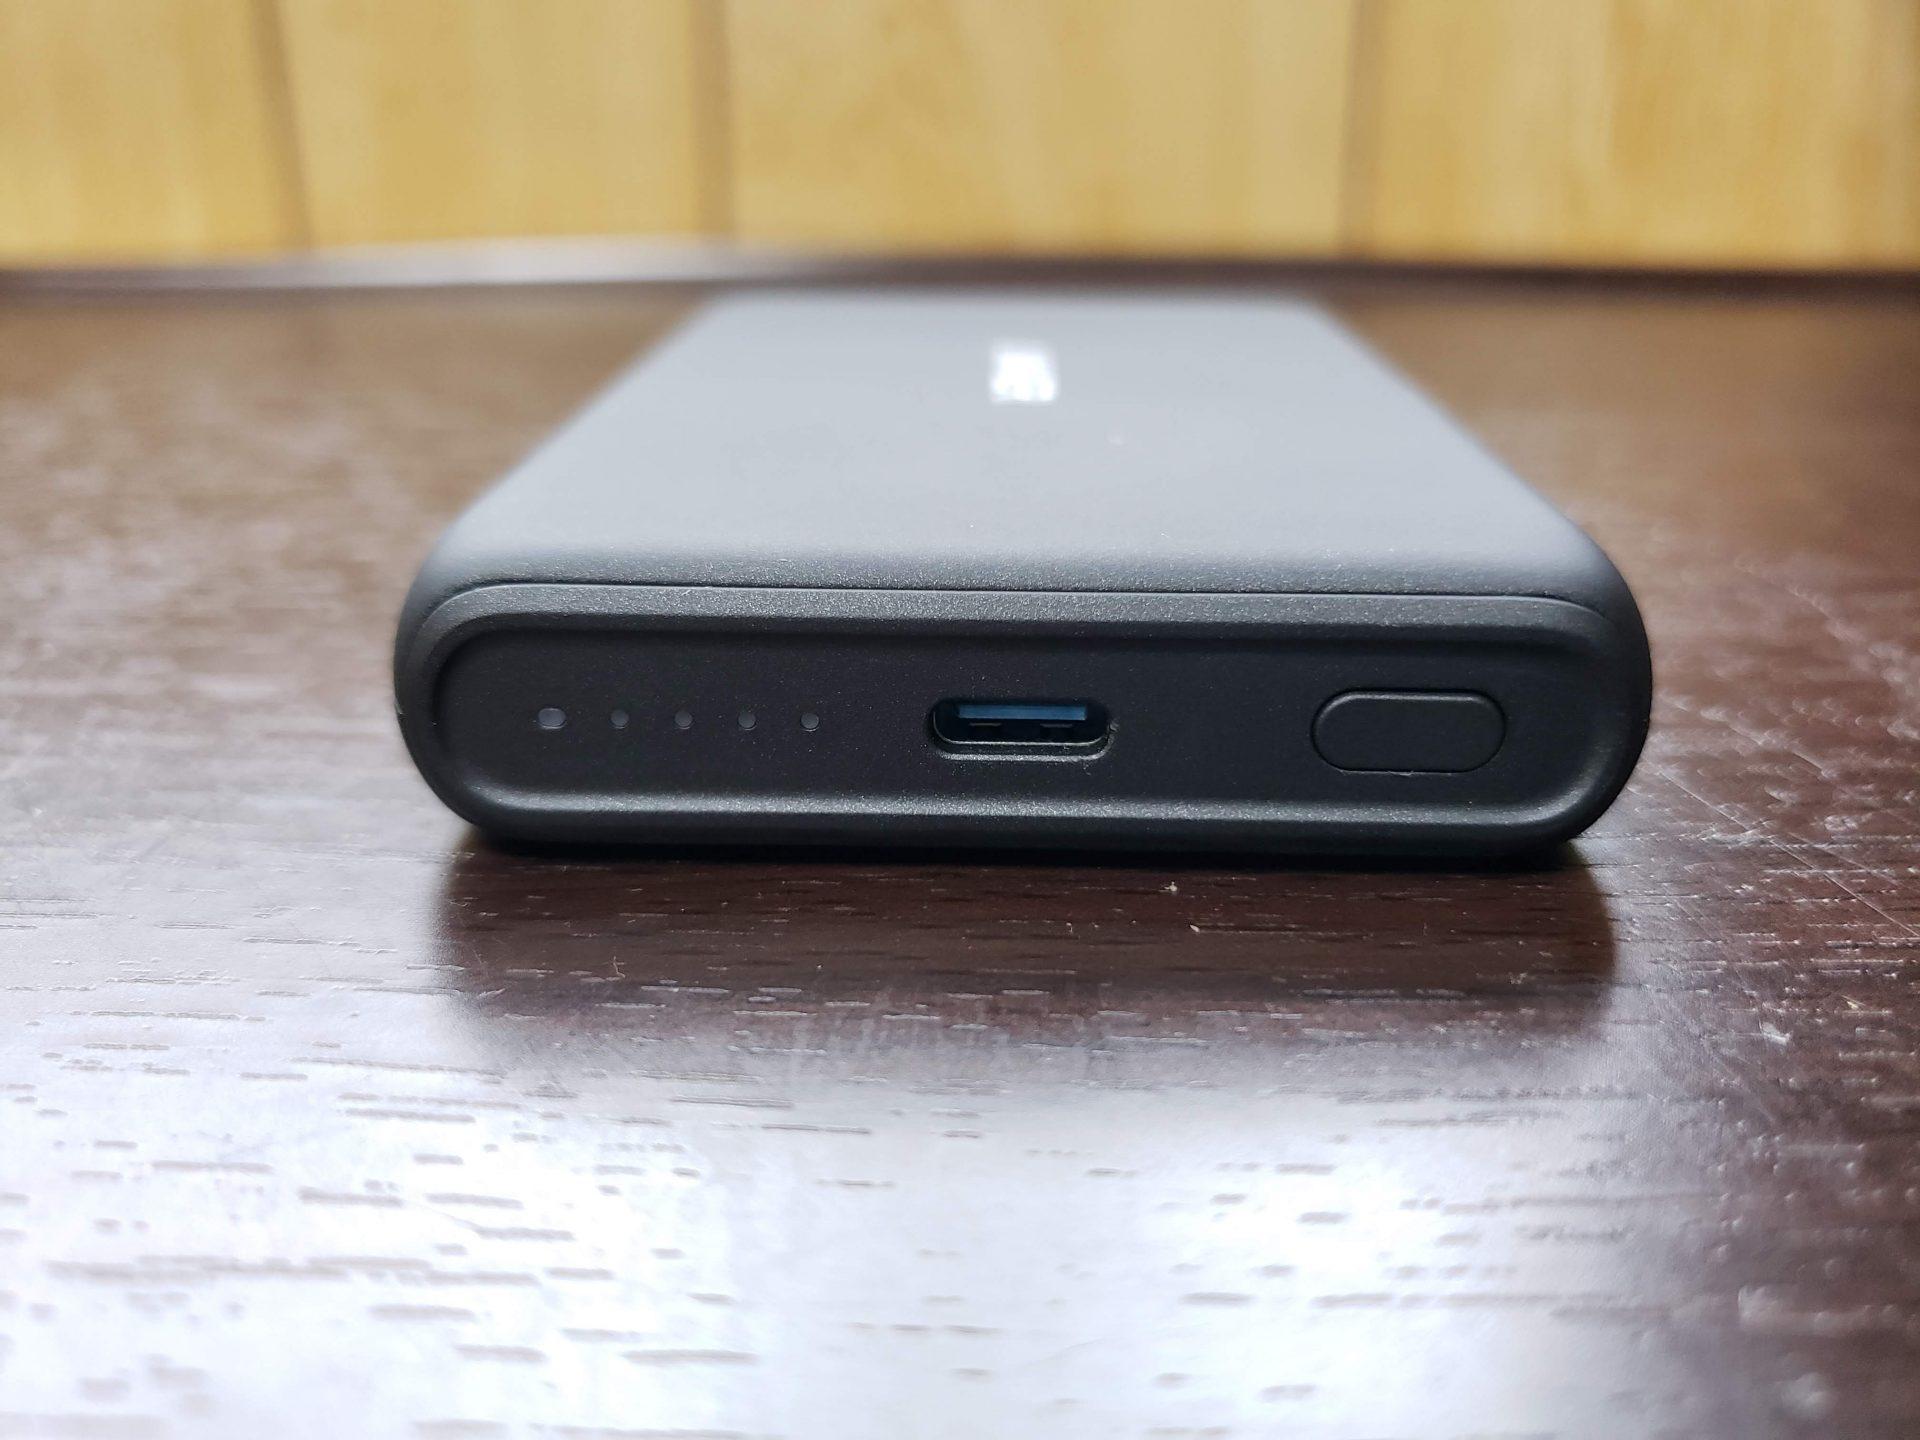 USB Type-Cで充電